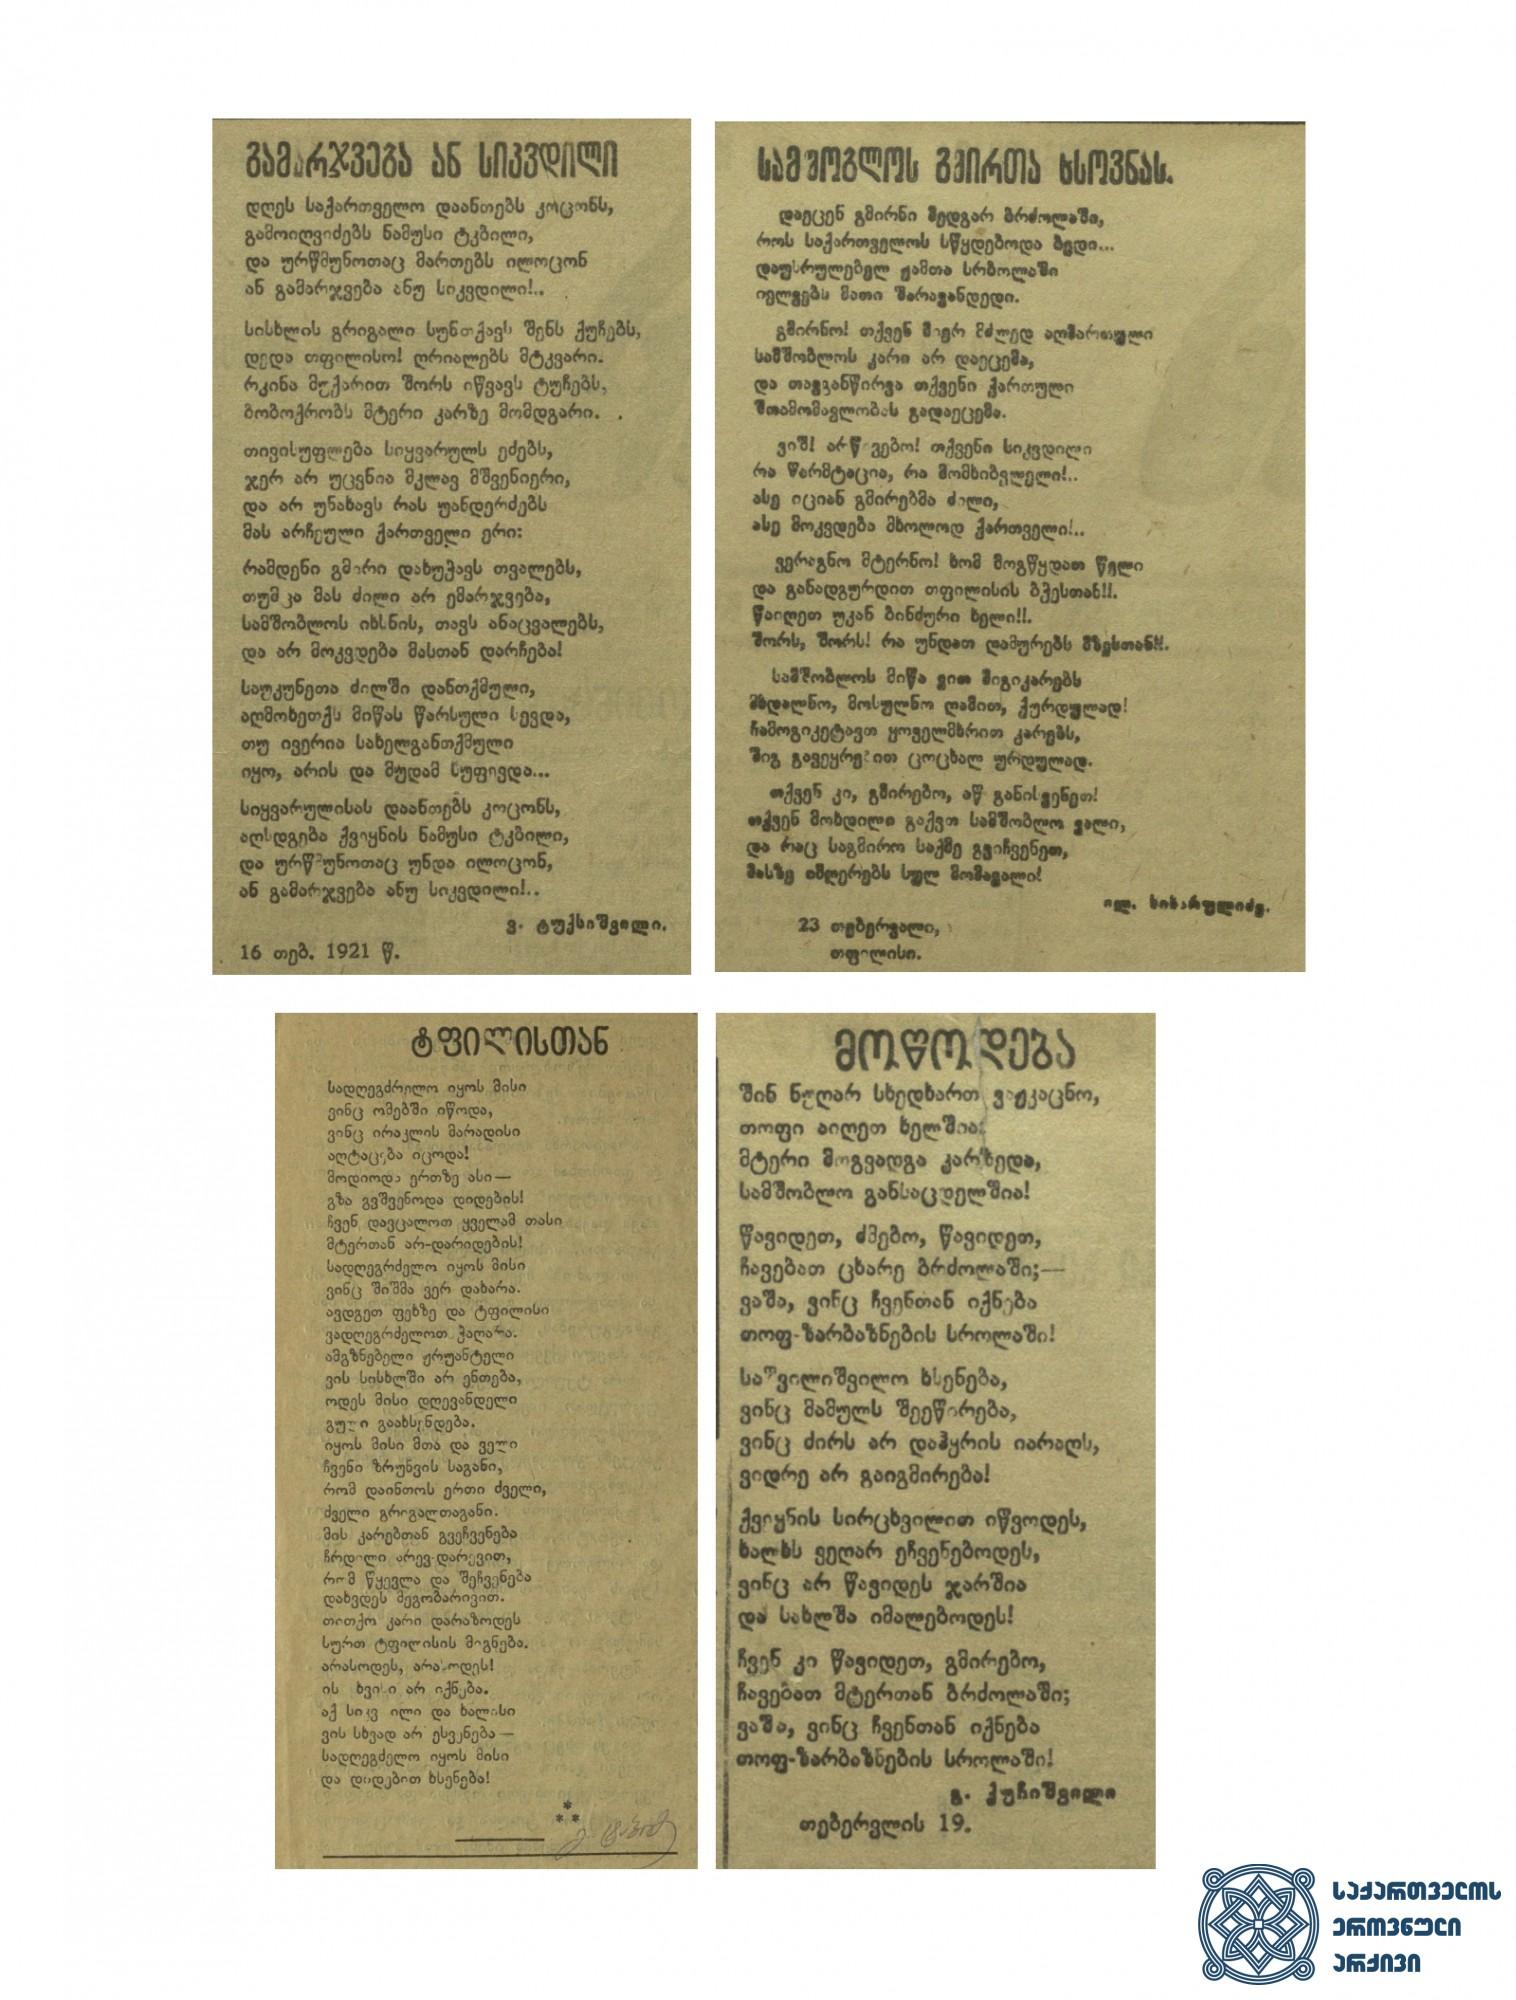 რუსეთ-საქართველოს ომის მიმდინარეობისას ვასილ ტუქსიშვილის, ილიას სიხარულიძის, გალაკტიონ ტაბიძისა და გიორგი ქუჩიშვილის გაზეთებში დაბეჭდილი პატრიოტული ხასიათის ლექსები. <br> 1921 წლის თებერვალი. <br> Patriotic poems of Vasil Tuksishvili, Ilia Sikharulidze, Galaktion Tabidze and Giorgi Kuchishvili published in newspapers during the Russian-Georgian war. <br> February 1921.